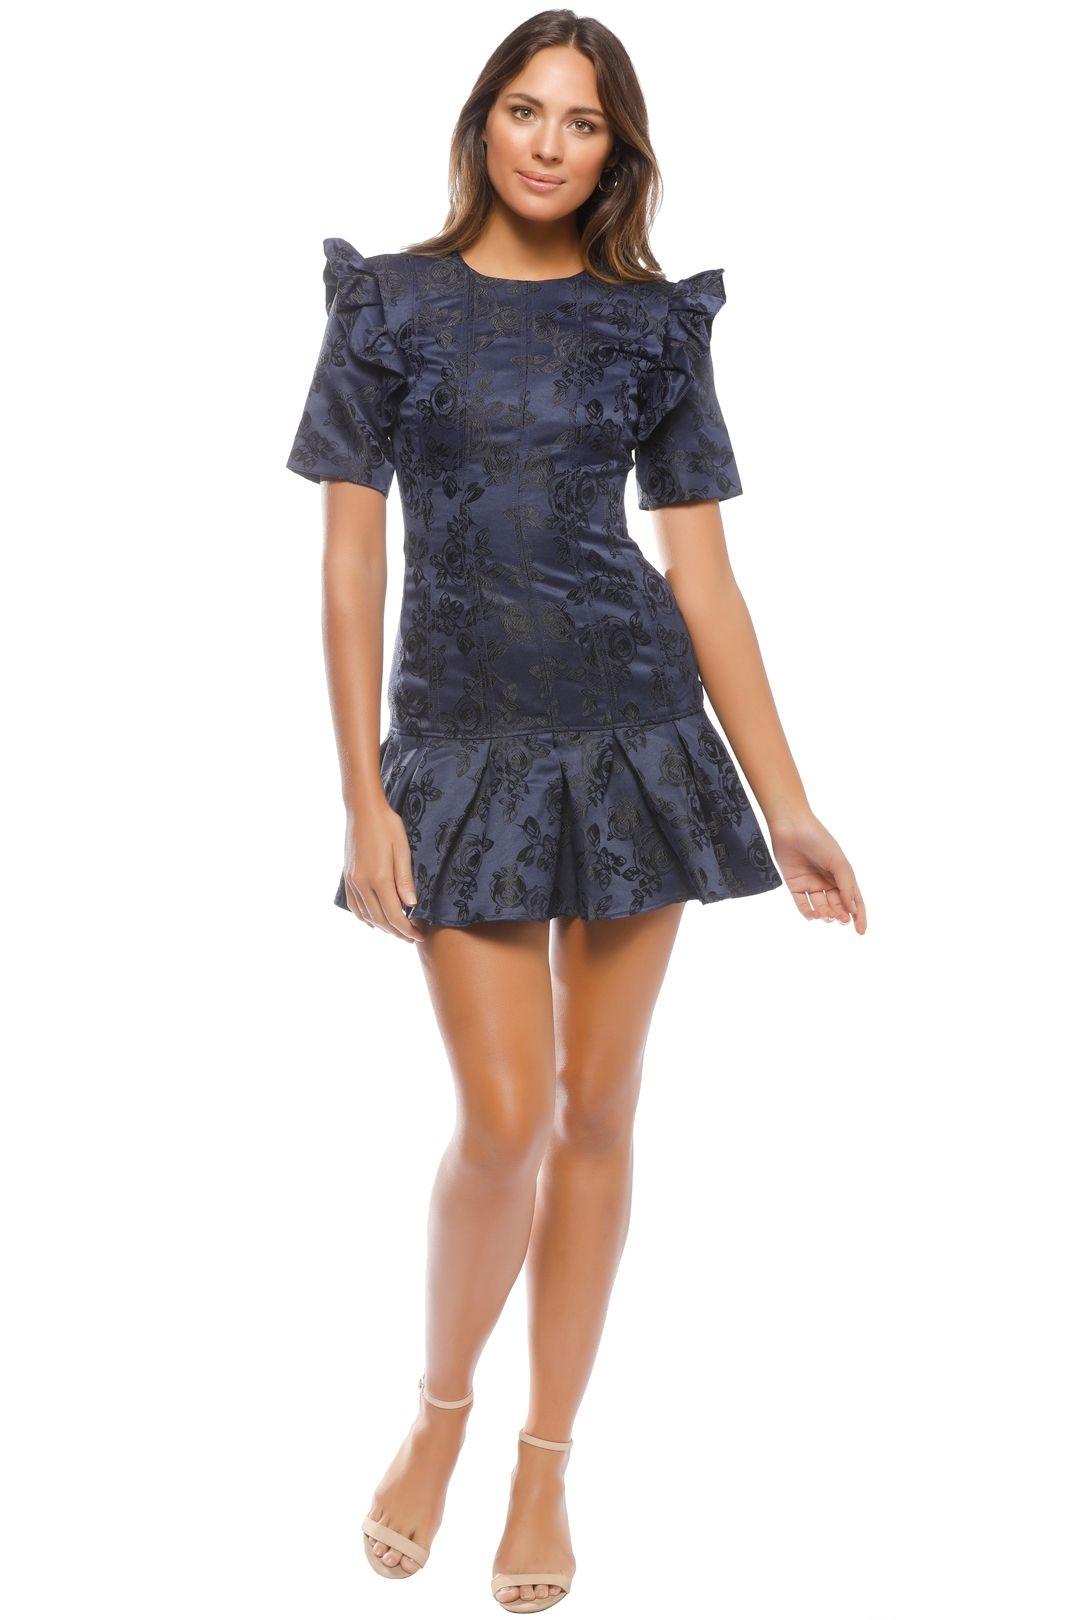 CMEO - Levity Mini Dress - Navy - Front